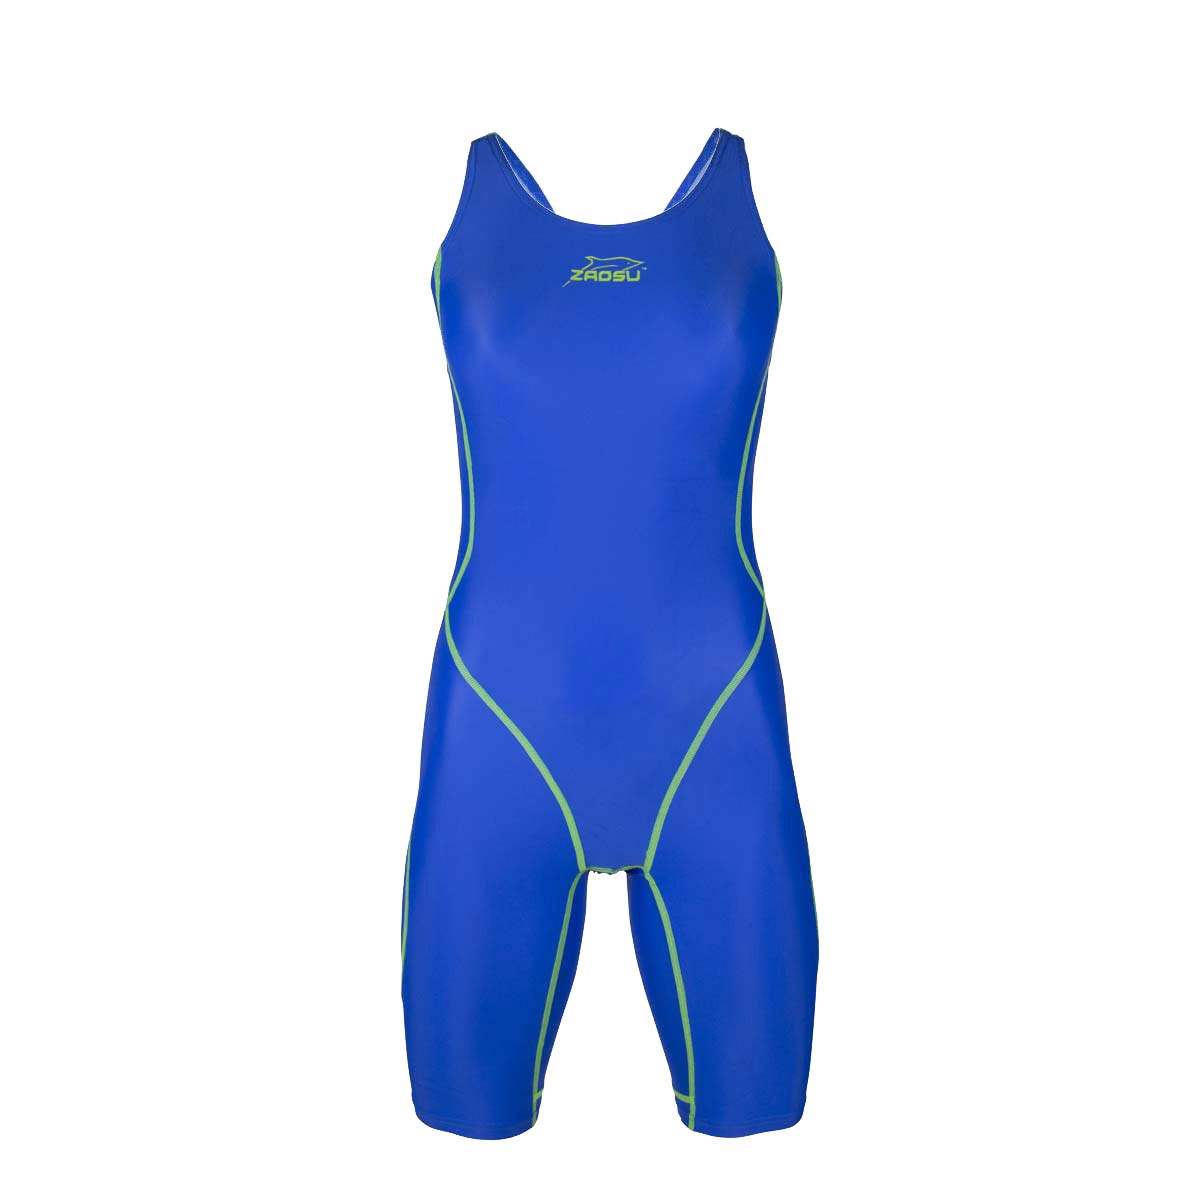 dbd3d86d92f1fc ZAOSU Wettkampf-Schwimmanzug Z-Blue für Mädchen und Damen in blau:  Amazon.de: Sport & Freizeit